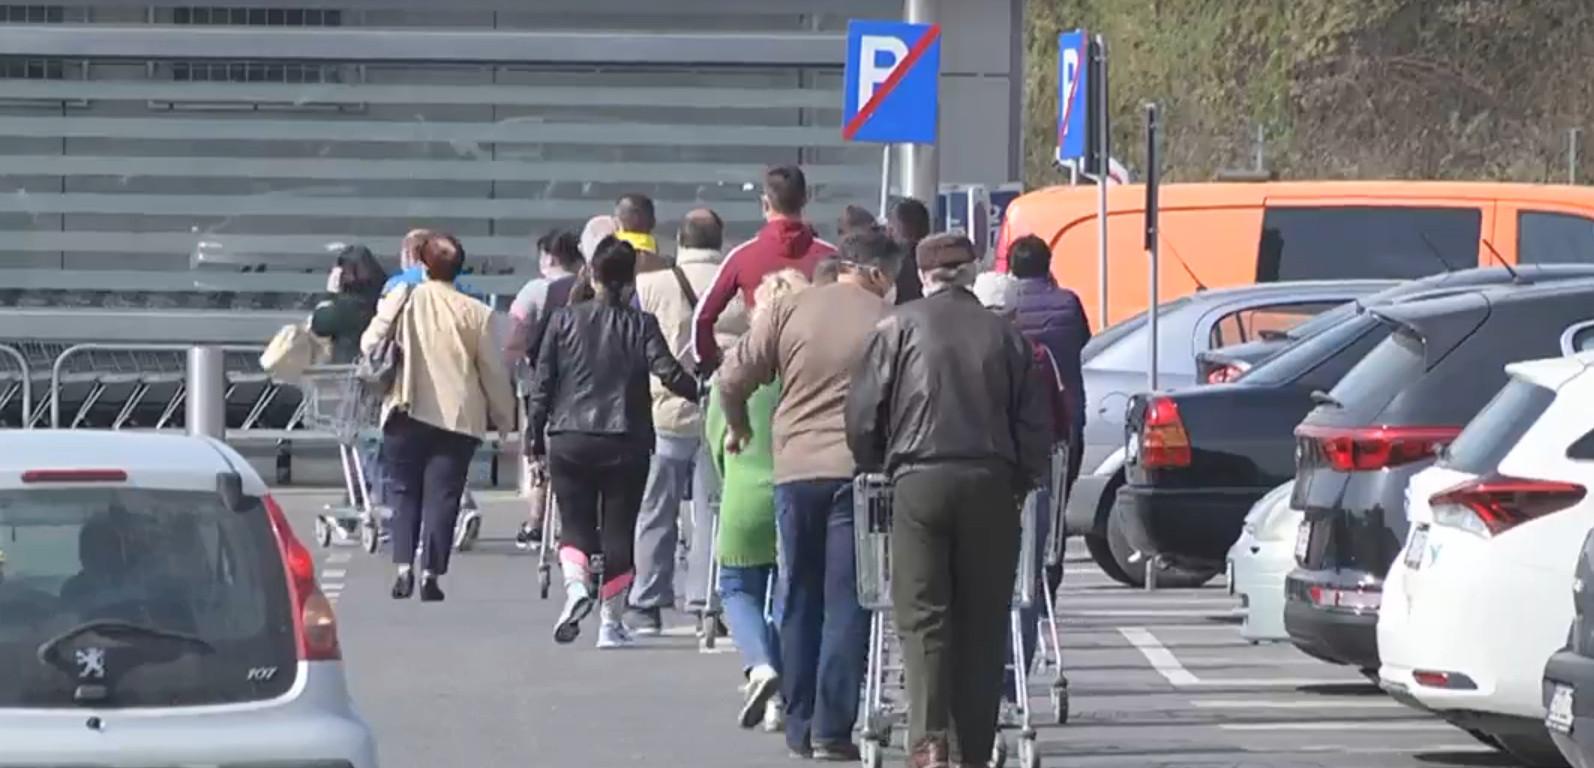 300 de patrule de polițiști, jandarmi, militari și polițiști locali, acționează la această oră în sistem integrat în tot județul Dâmbovița